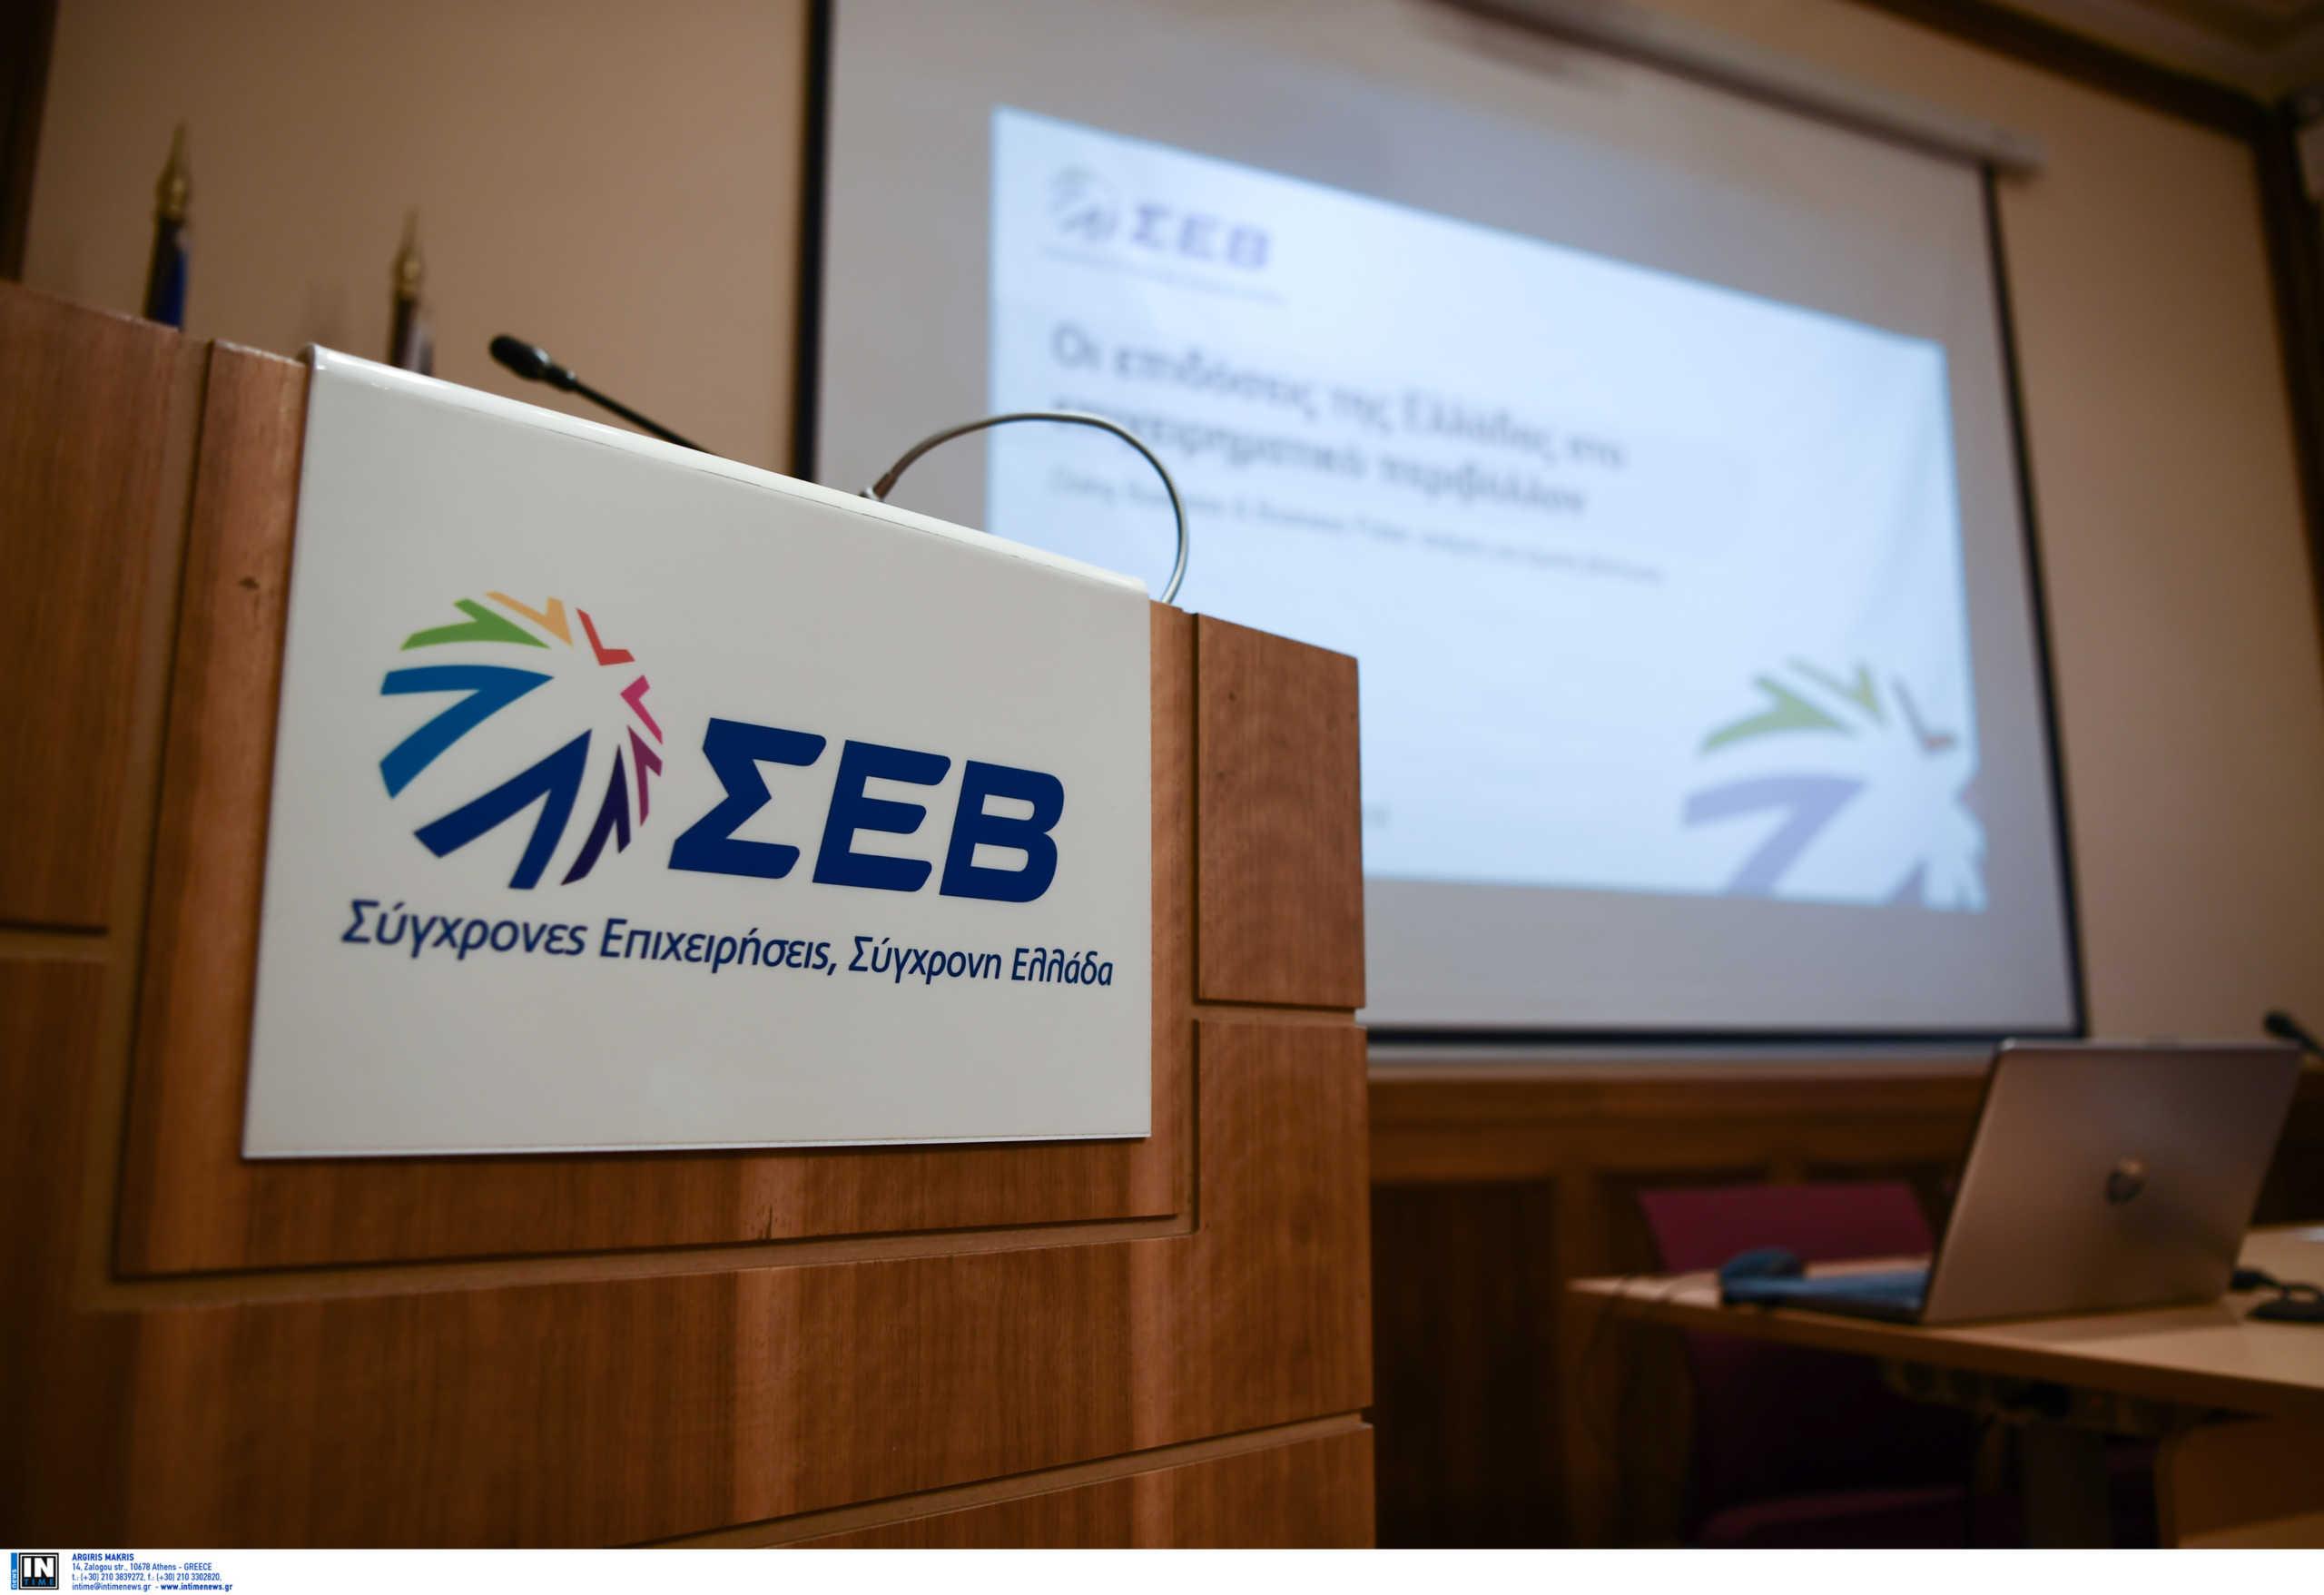 ΣΕΒ: Άμεσα και χωρίς κριτήρια οι πόροι σε εργαζομένους και επιχειρήσεις